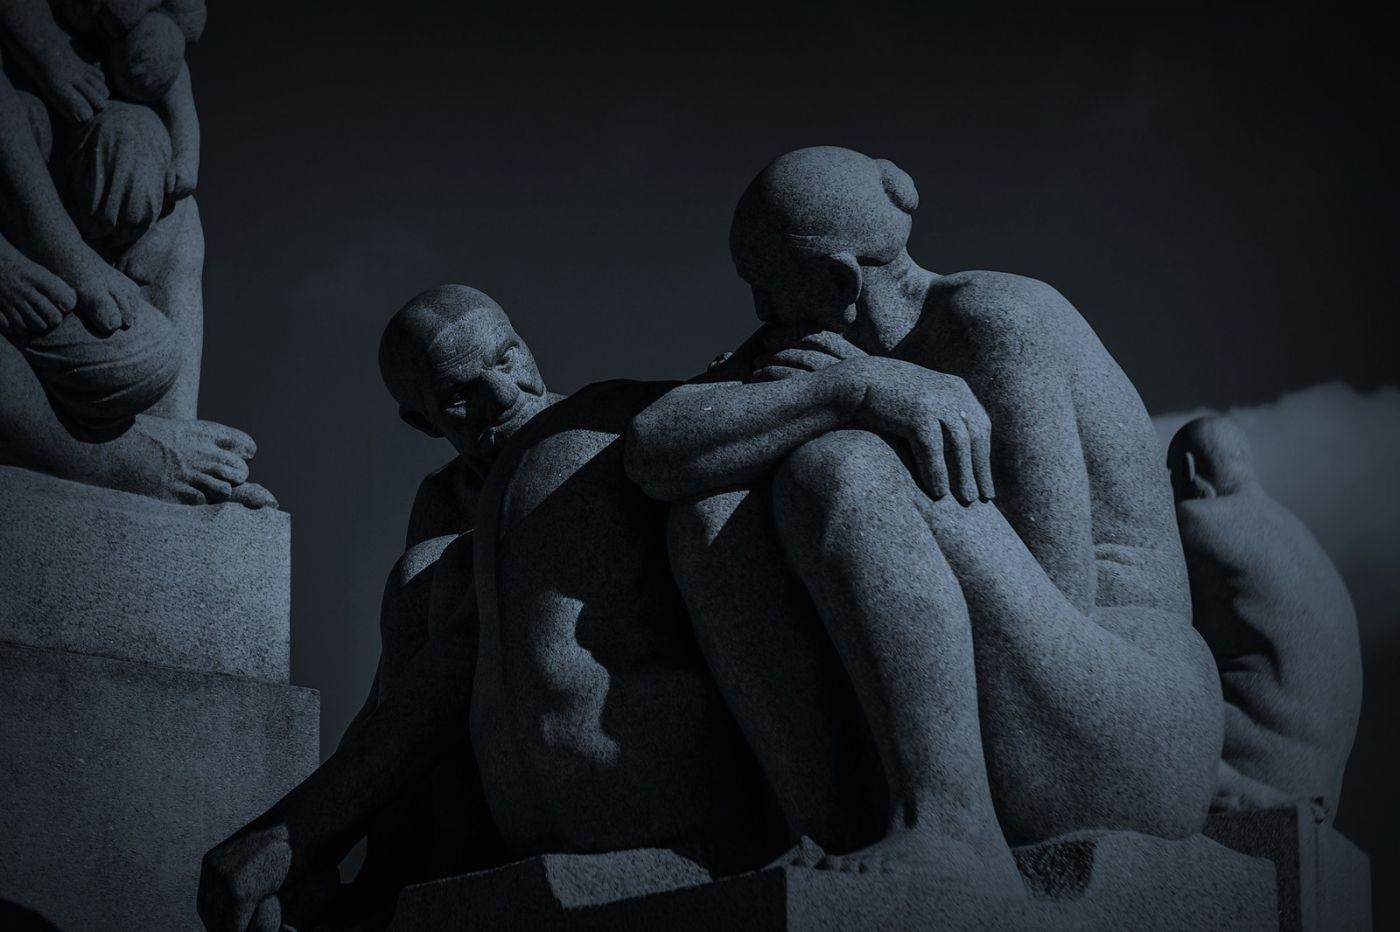 挪威维格兰雕塑公园,艺术的确来自生活_图1-19